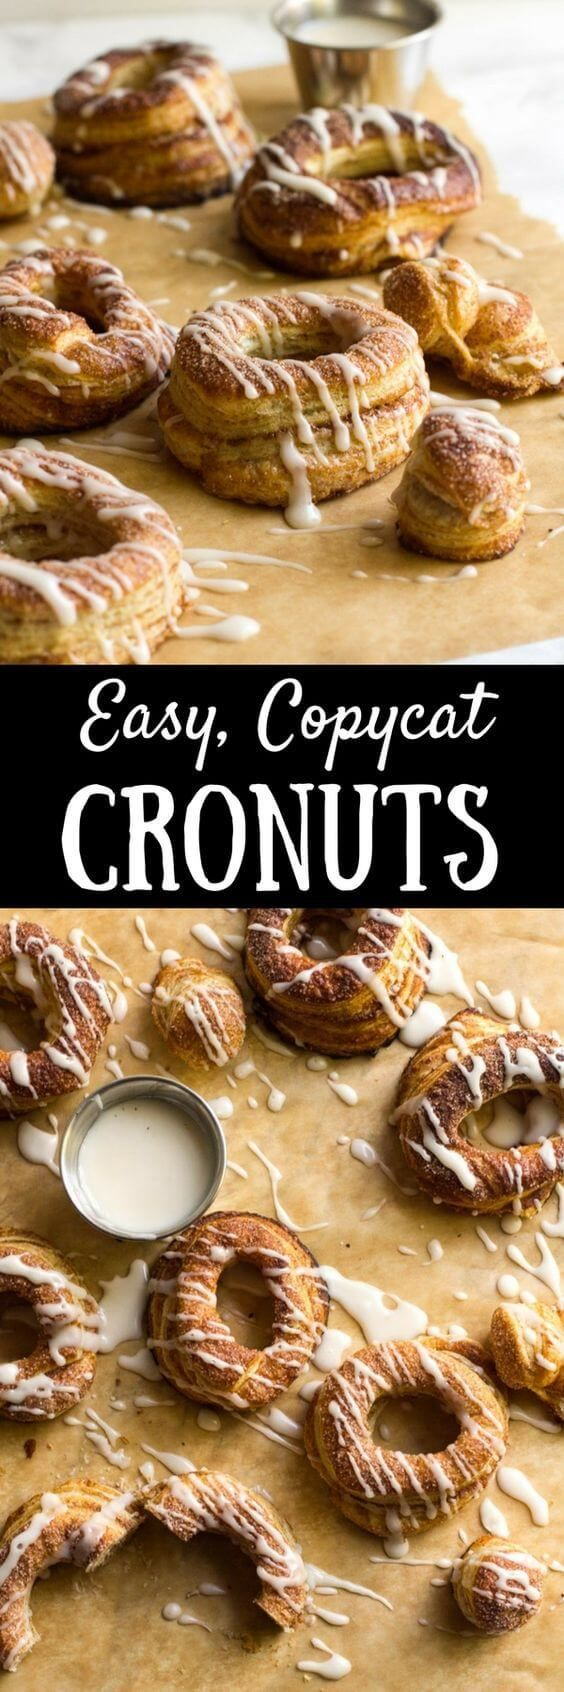 Easy Copycat Cronuts